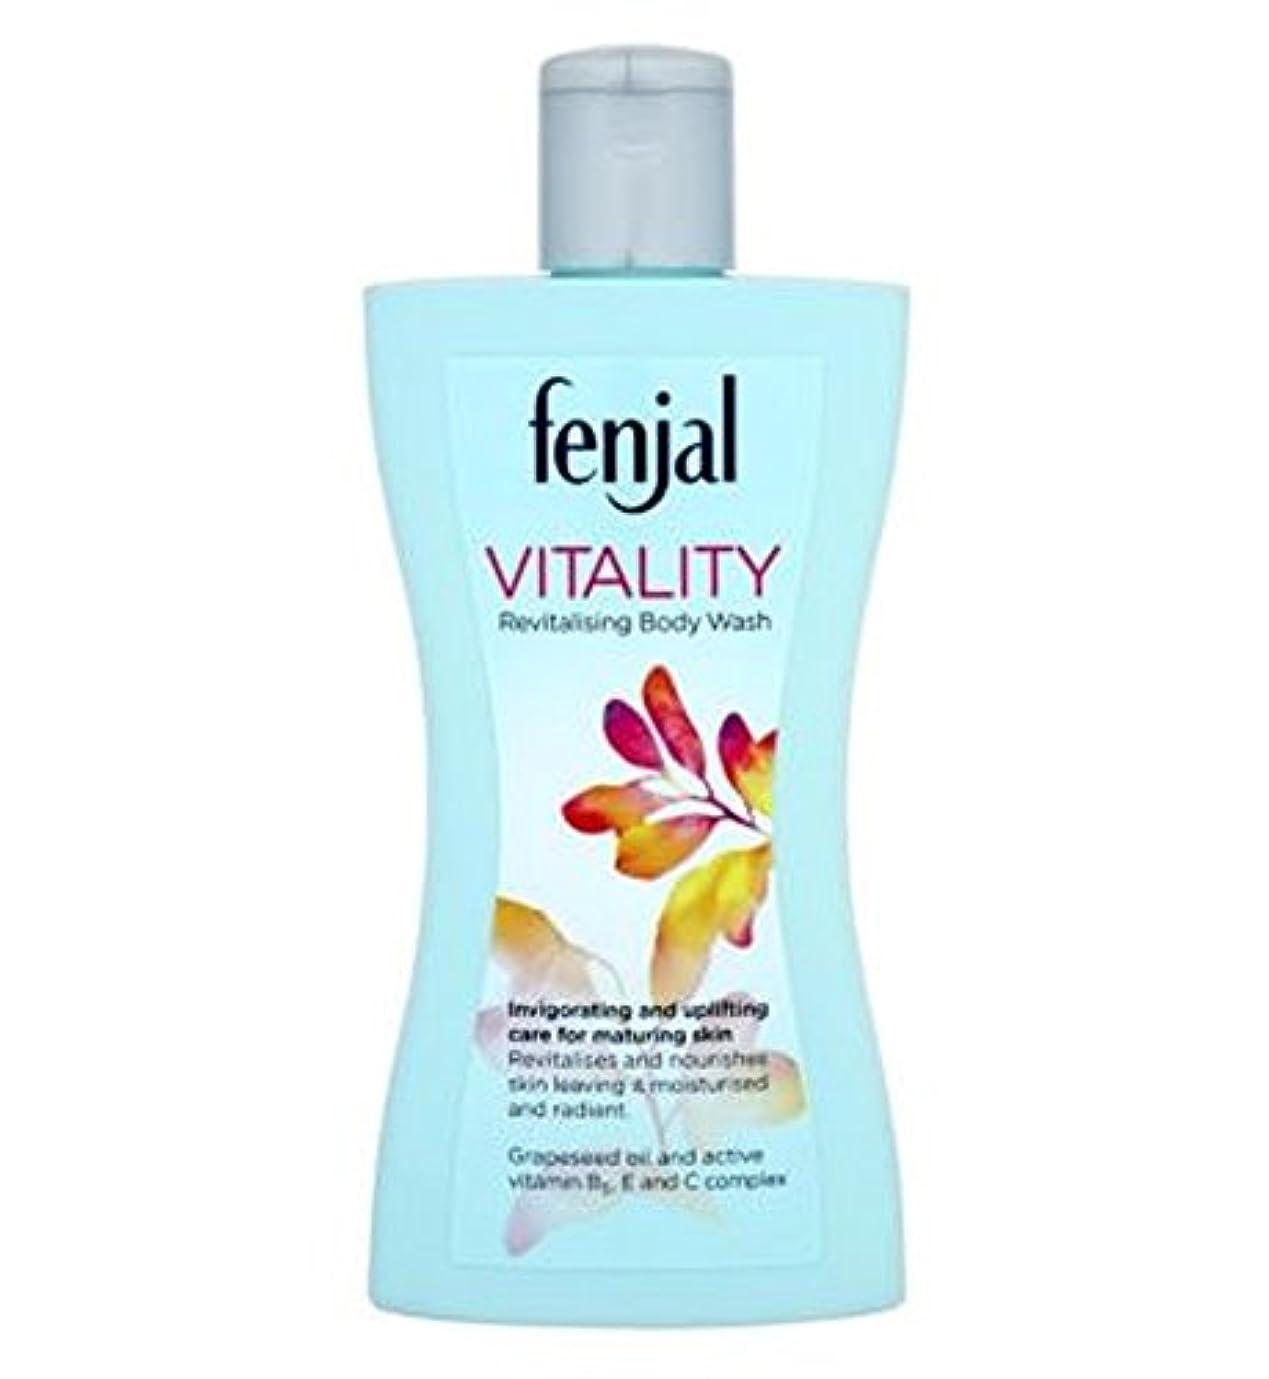 煙突合金ステンレスFenjal Vitality revitalising Body Wash - Fenjal活力活性化ボディウォッシュ (Fenjal) [並行輸入品]